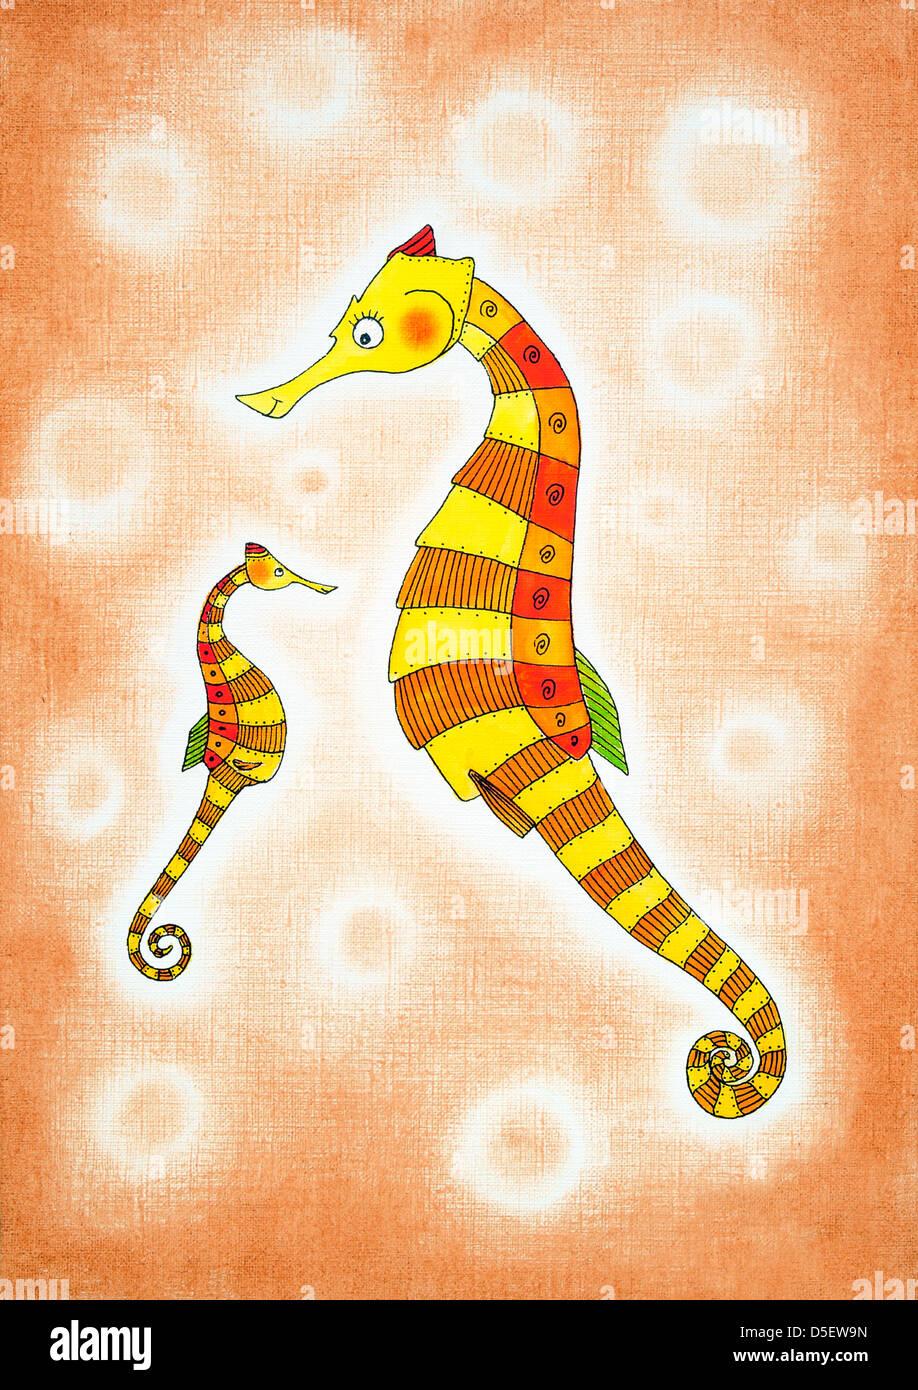 Cavalluccio Marino Per Bambini Disegno Pittura Ad Acquarello